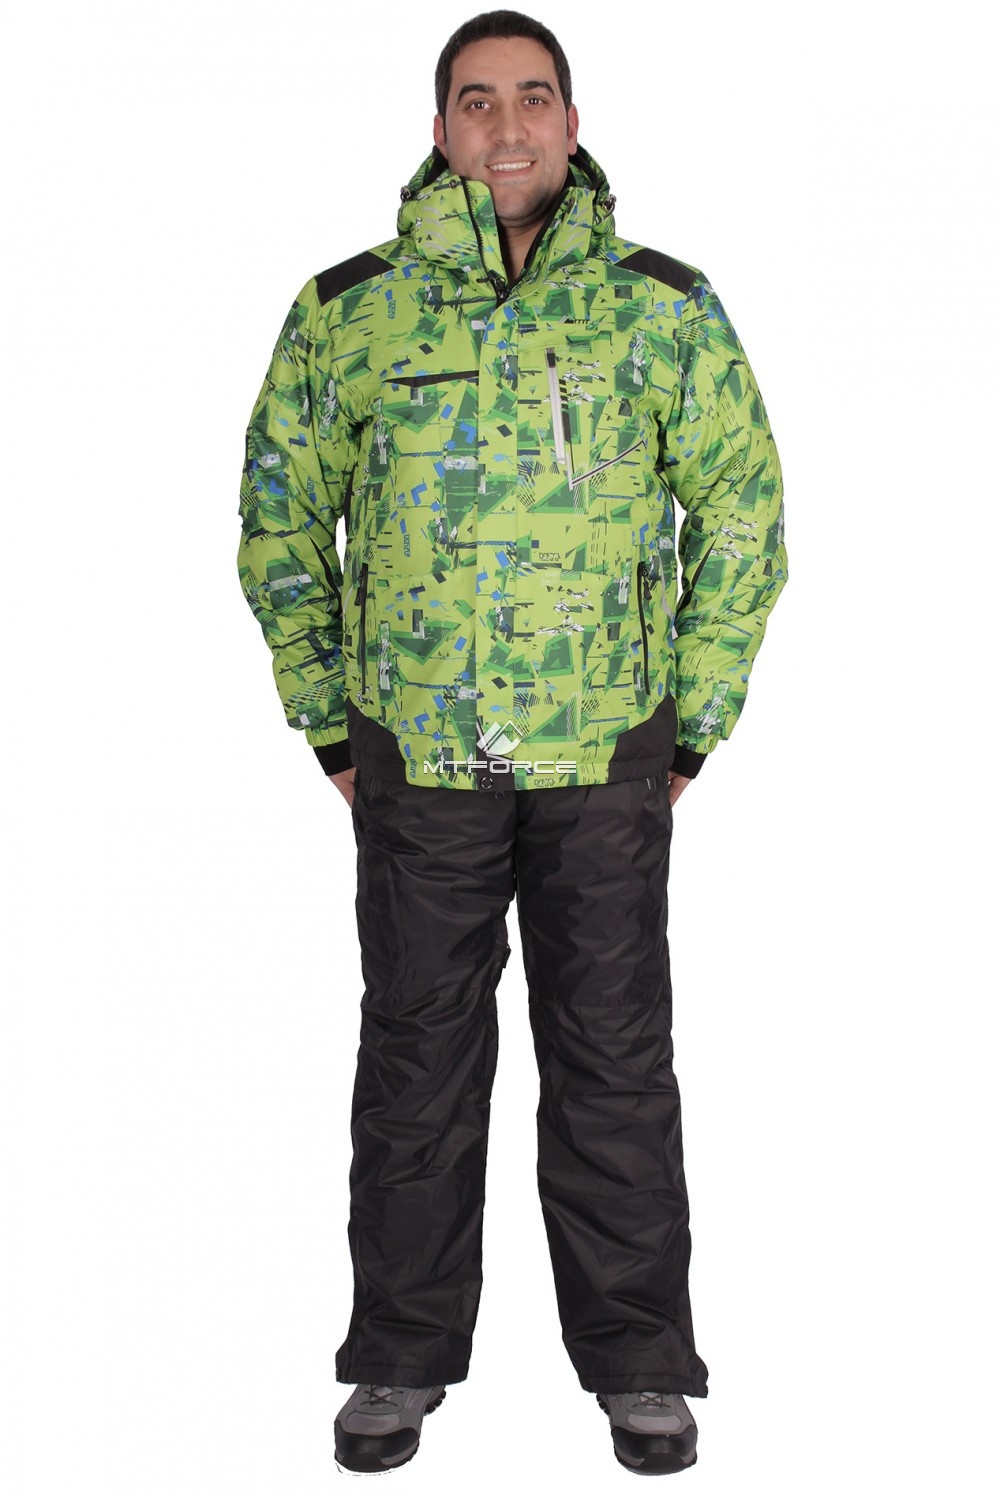 Купить                                  оптом Костюм горнолыжный мужской салатовый цвета 01509Sl